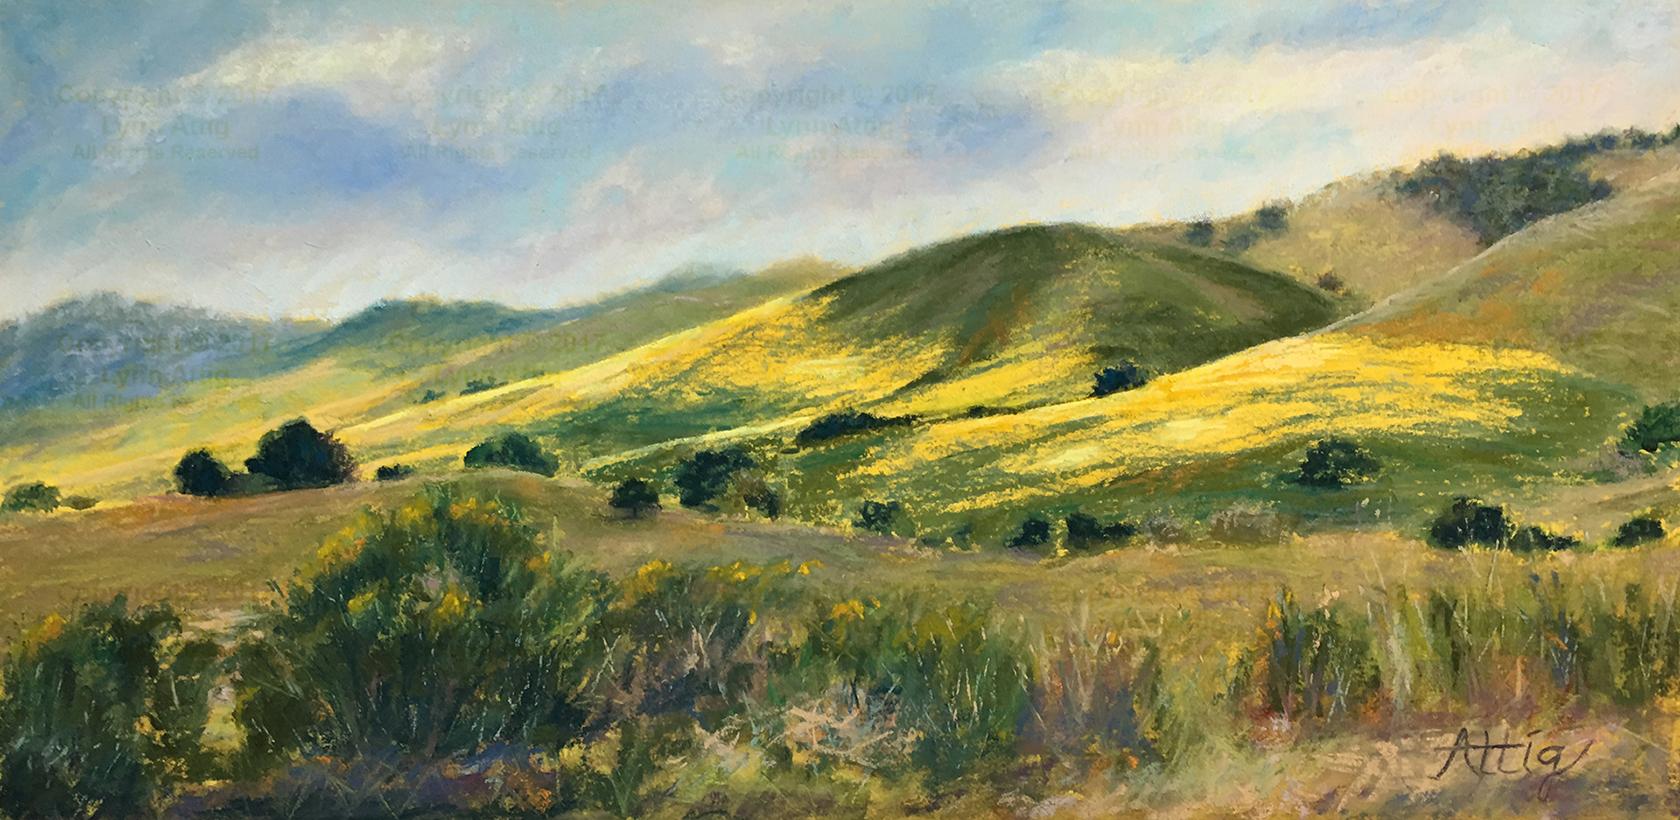 Suey Ranch Wildflowers - Lynn Attig